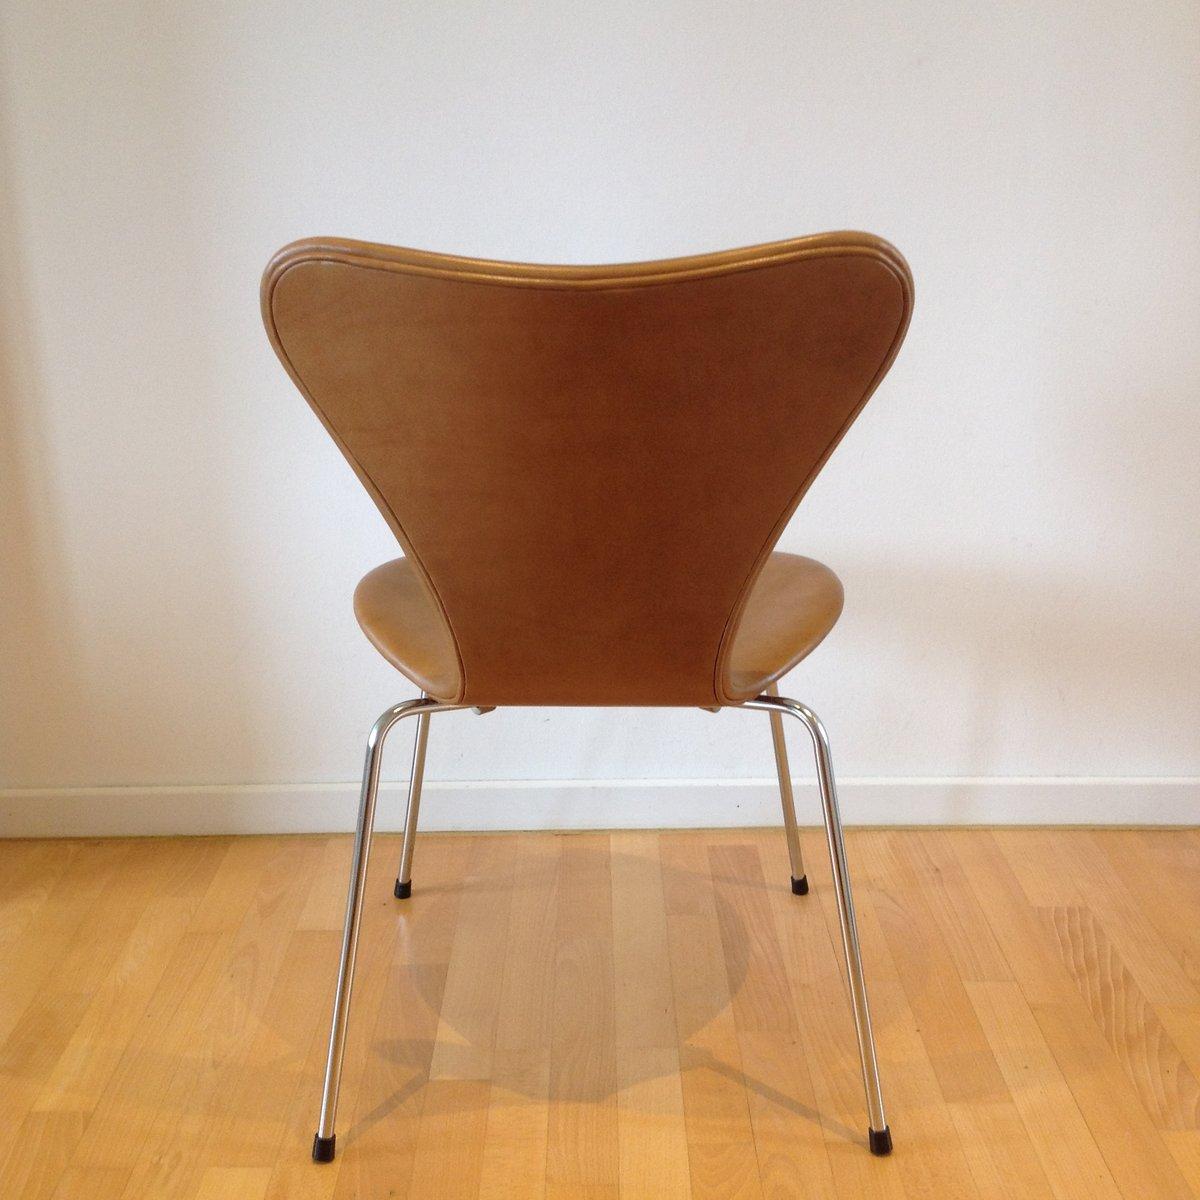 Chaise de salon syveren 3107 elegance wax brune par arne for Chaise pour salon